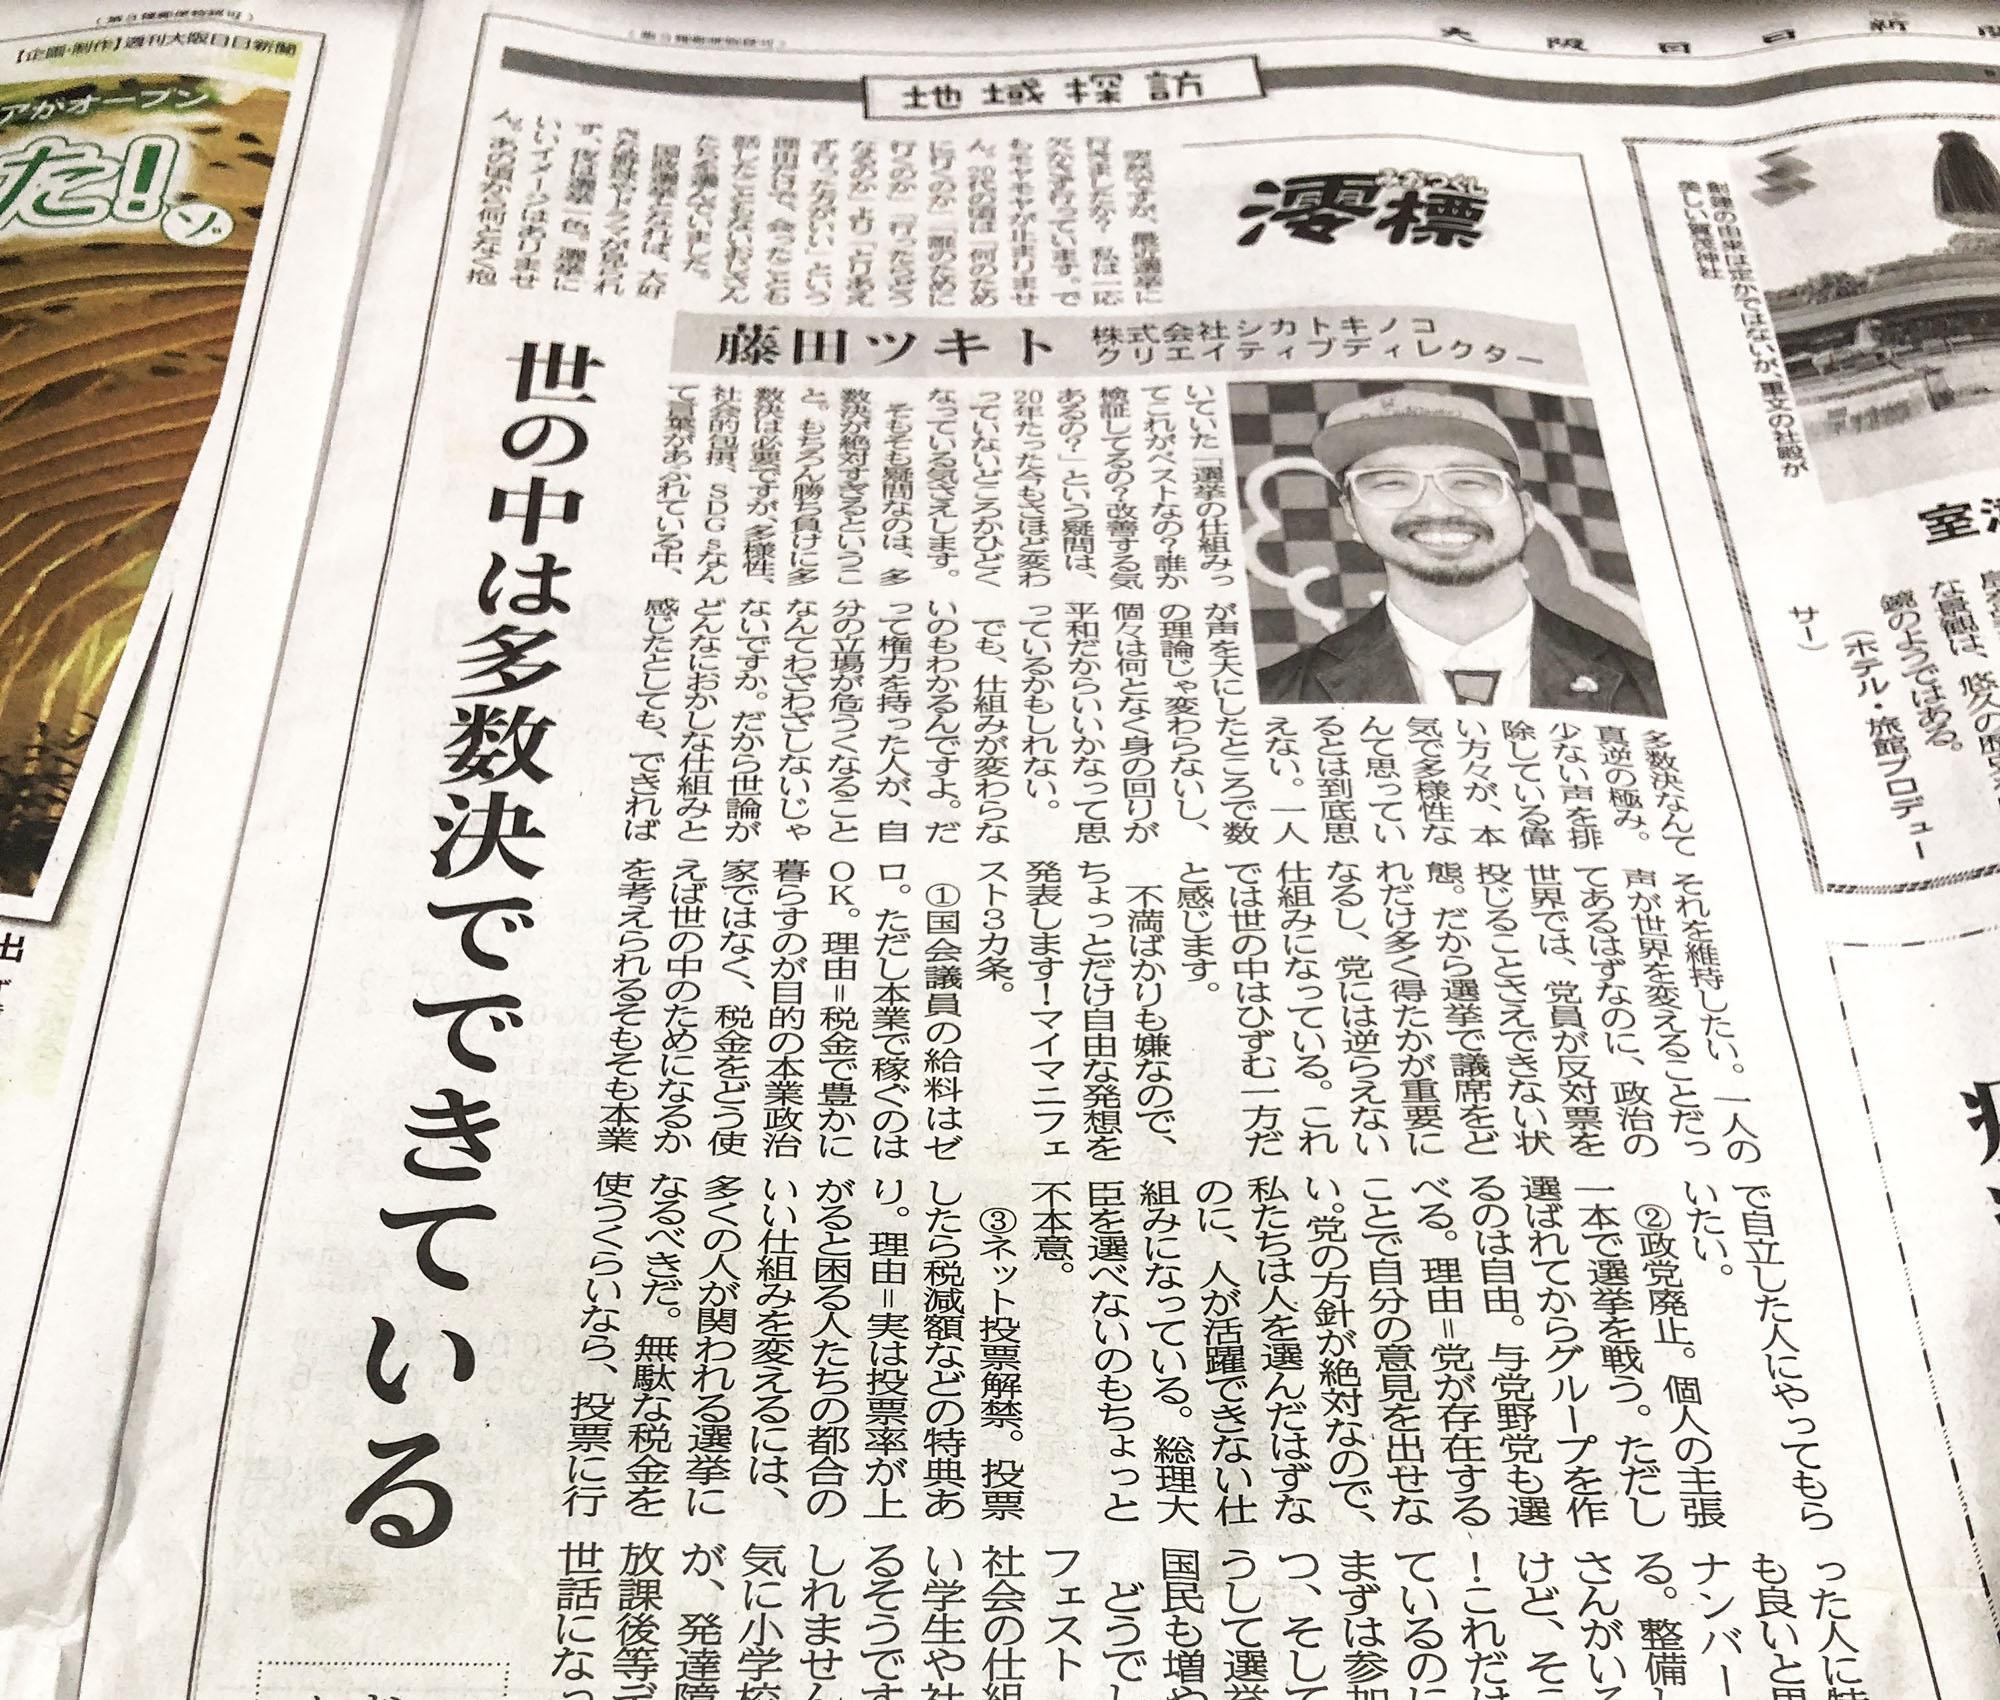 澪標コラム05『世の中は多数決でできている』|2020.7.27 藤田ツキト(大阪日日新聞)